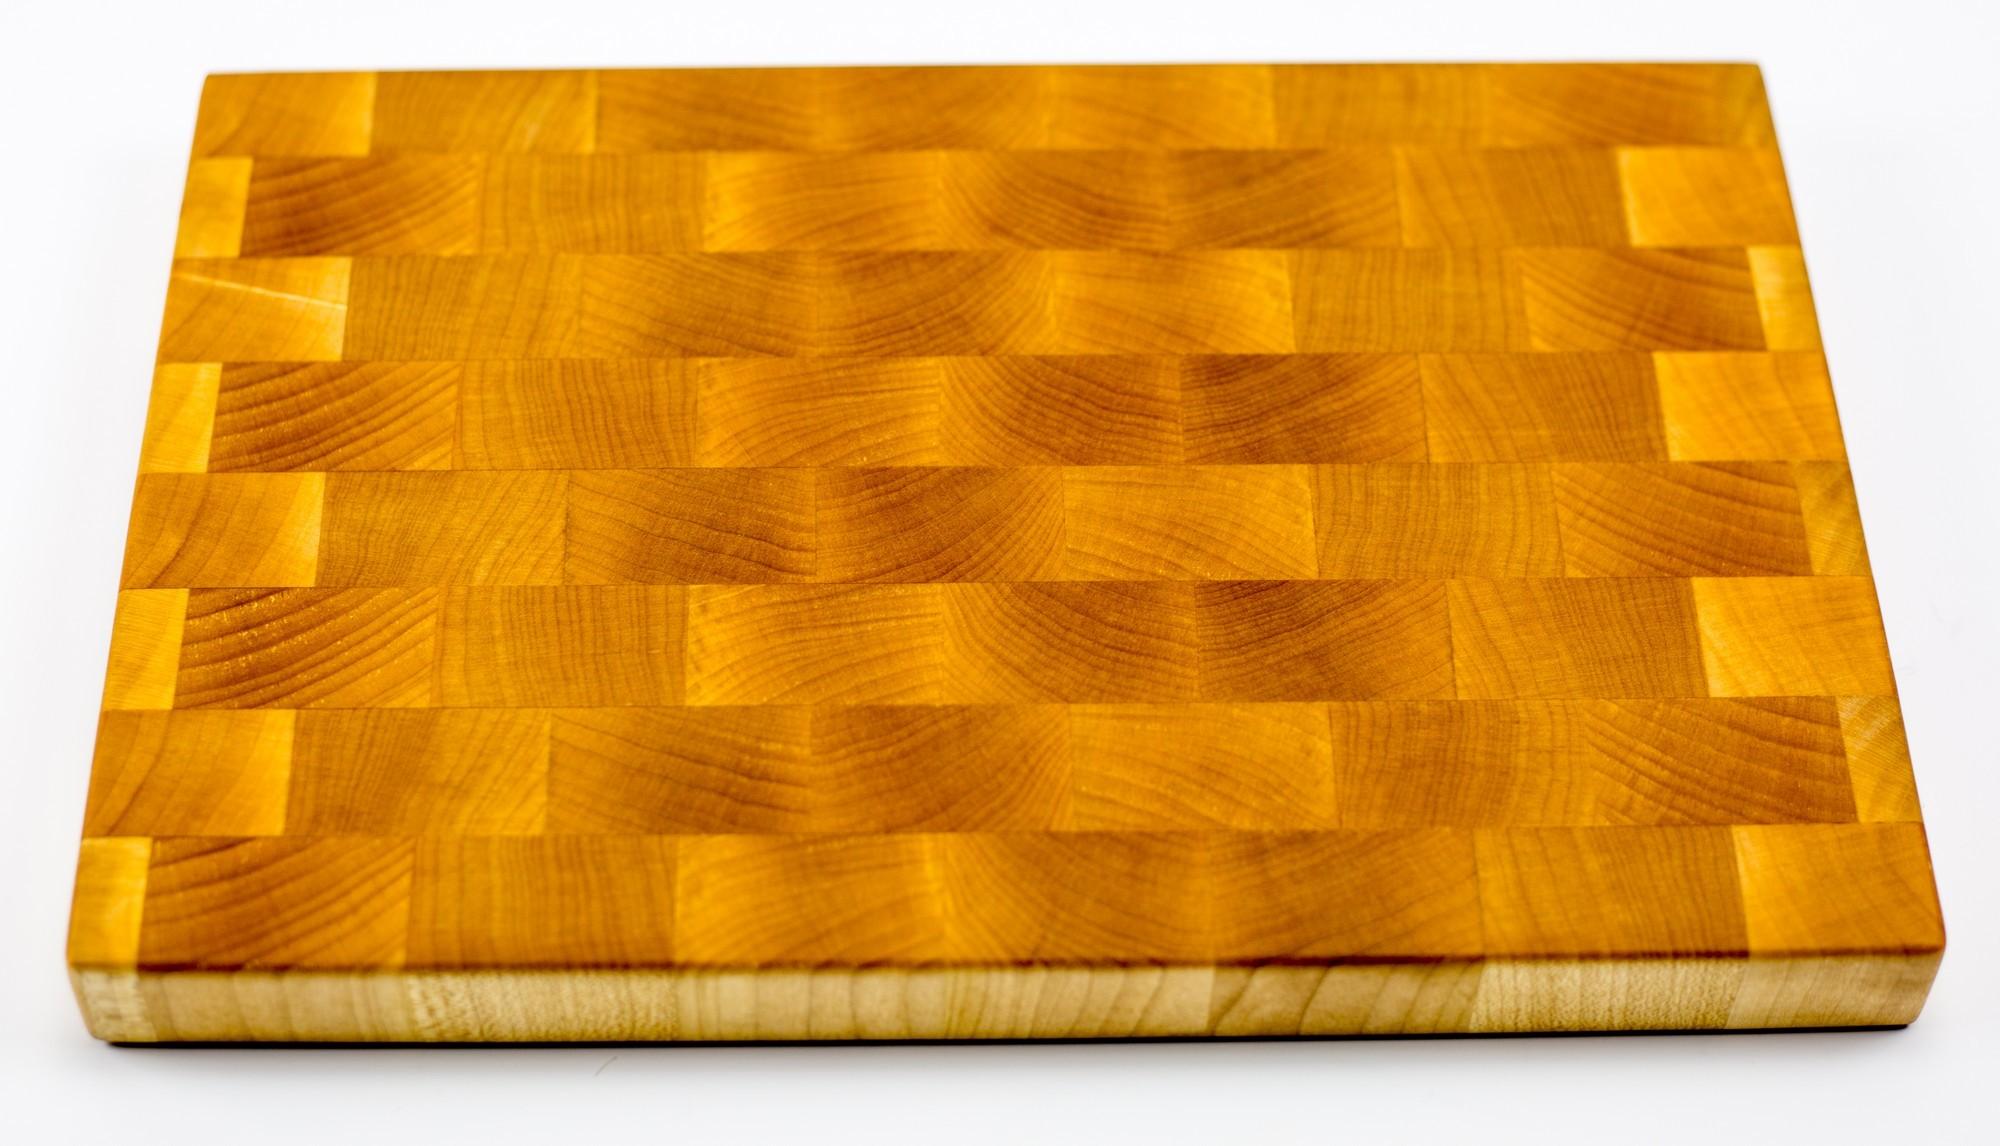 Доска разделочная торцевая, клен, 20х30х2.5 смБренды ножей<br>Они изготавливаются из лиственных пород древесины, таких как сапеле, дуб, американский орех, ясень, падук, граб, клен, палисандр, венге, груша.<br>Технология их изготовления достаточно сложна. Волокна разделочных досок расположены перпендикулярно плоскости резания. Это позволяет в значительной степени защитить доски от следов ножа, при этом нож намного меньше тупится, что по достоинству смогут оценить коллекционеры ножей.<br>Торцевые разделочные доски склеиваются на водостойкий клей Titebond III Ultimate Wood Glue. Этот клей используется для производства элементов, которые соприкасаются и контактируют с продуктами питания. Все поверхности досок обрабатываются льняным маслом и пчелиным воском для заполнения открытых пор и микротрещин. В зависимости от размера, разделочных досках, для удобства пользования, предусмотрены ручки с боков, канавки для сбора жидкости и опорные ножки. Рекомендации по уходу за разделочными досками<br>Для того, чтобы разделочная доска служила долго и исправно, советуем соблюдать некоторые правила ухода за ней:<br>По окончании работы доску следует вымыть теплой водой и протереть. Нельзя надолго оставлять разделочную доску в мокром виде, или погруженную в воду. Хранить доску необходимо вдали от раковины и плиты.<br>Разделочную доску нельзя сушить в духовом шкафу или микроволновой печи, она должна сохнуть в обычных условиях. Нельзя использовать разделочную доску в качестве крышки для кастрюли или сковороды (от горячего пара доска может лопнуть).<br>Нельзя использовать разделочную доску как подставку под горячее. Нельзя выкладывать на доску горячие, сочащиеся соком, продукты. Разделочную доску для обновления покрытия можно протирать пропиткой (отломить кусочек, растереть по поверхности и оставить на пару часов сохнуть)или льняным маслом (по желанию, или по мере изменения цвета, или раз в месяц).<br>Если вы решили протереть доску маслом, то рекомендуем после этой процедуры не пользоватьс